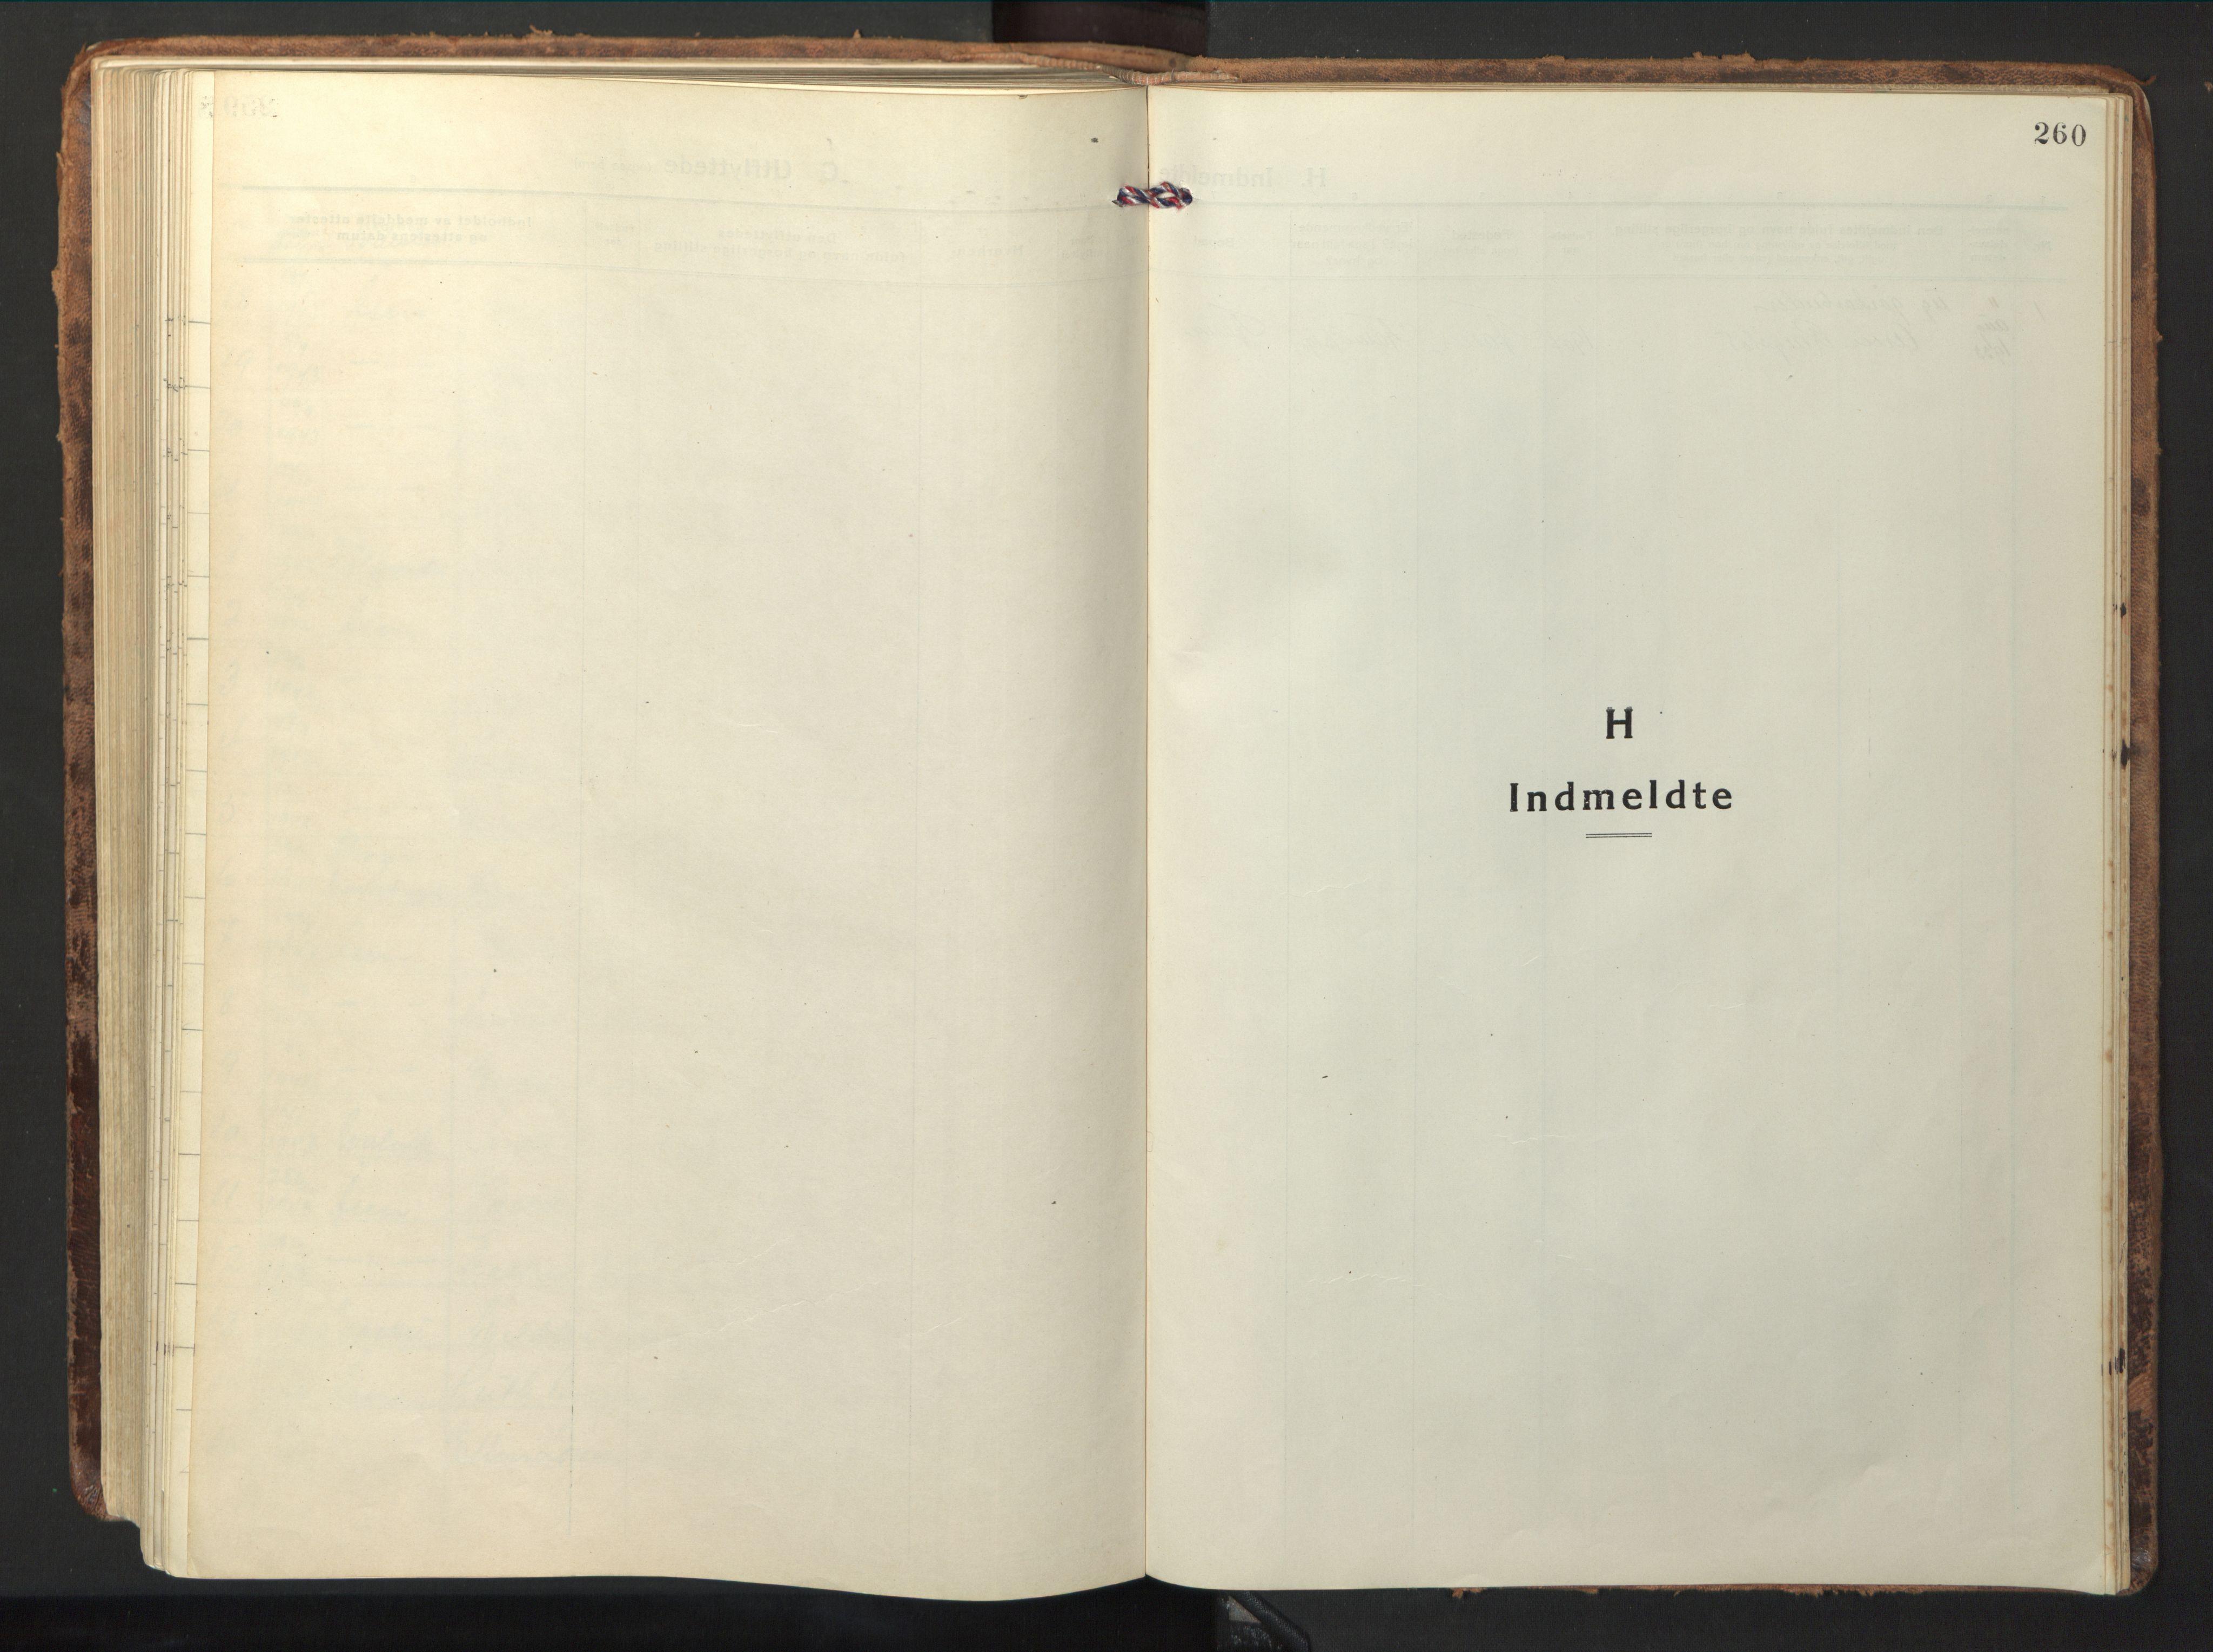 SAT, Ministerialprotokoller, klokkerbøker og fødselsregistre - Nord-Trøndelag, 714/L0136: Klokkerbok nr. 714C05, 1918-1957, s. 260